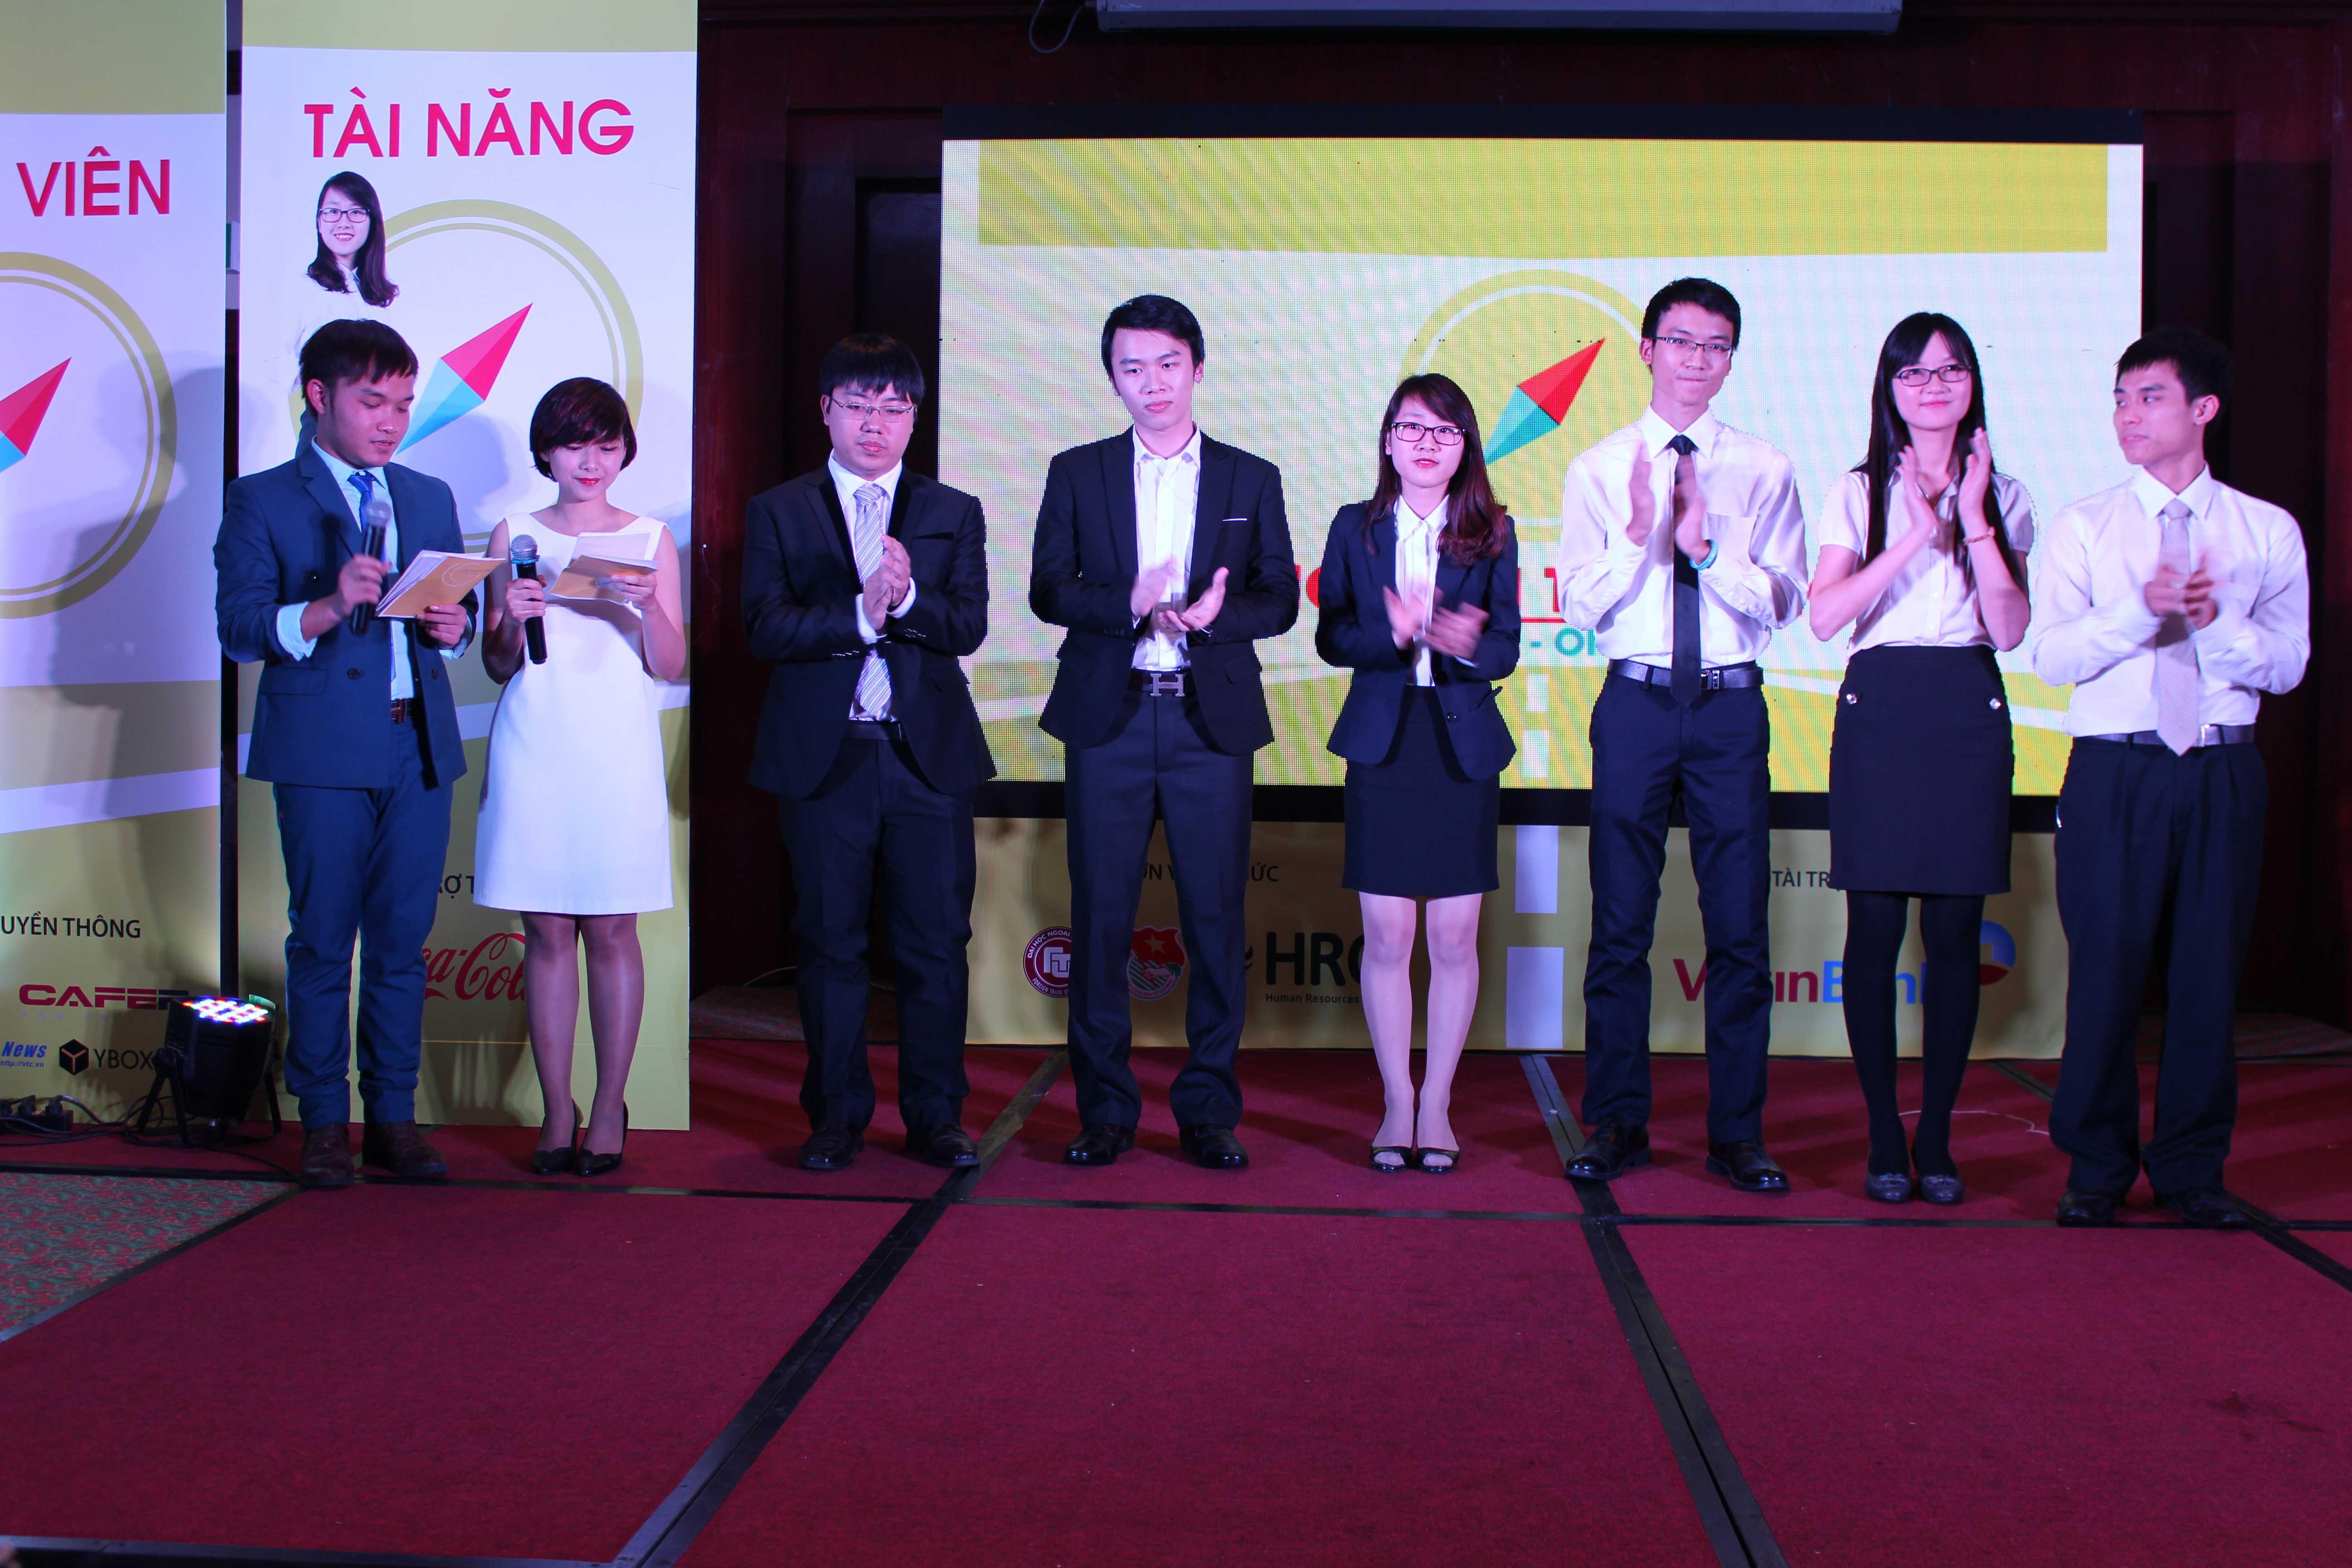 6 ứng viên xuất sắc nhất bước vào đêm Chung kết cuộc thi Ứng viên tài năng 2014.